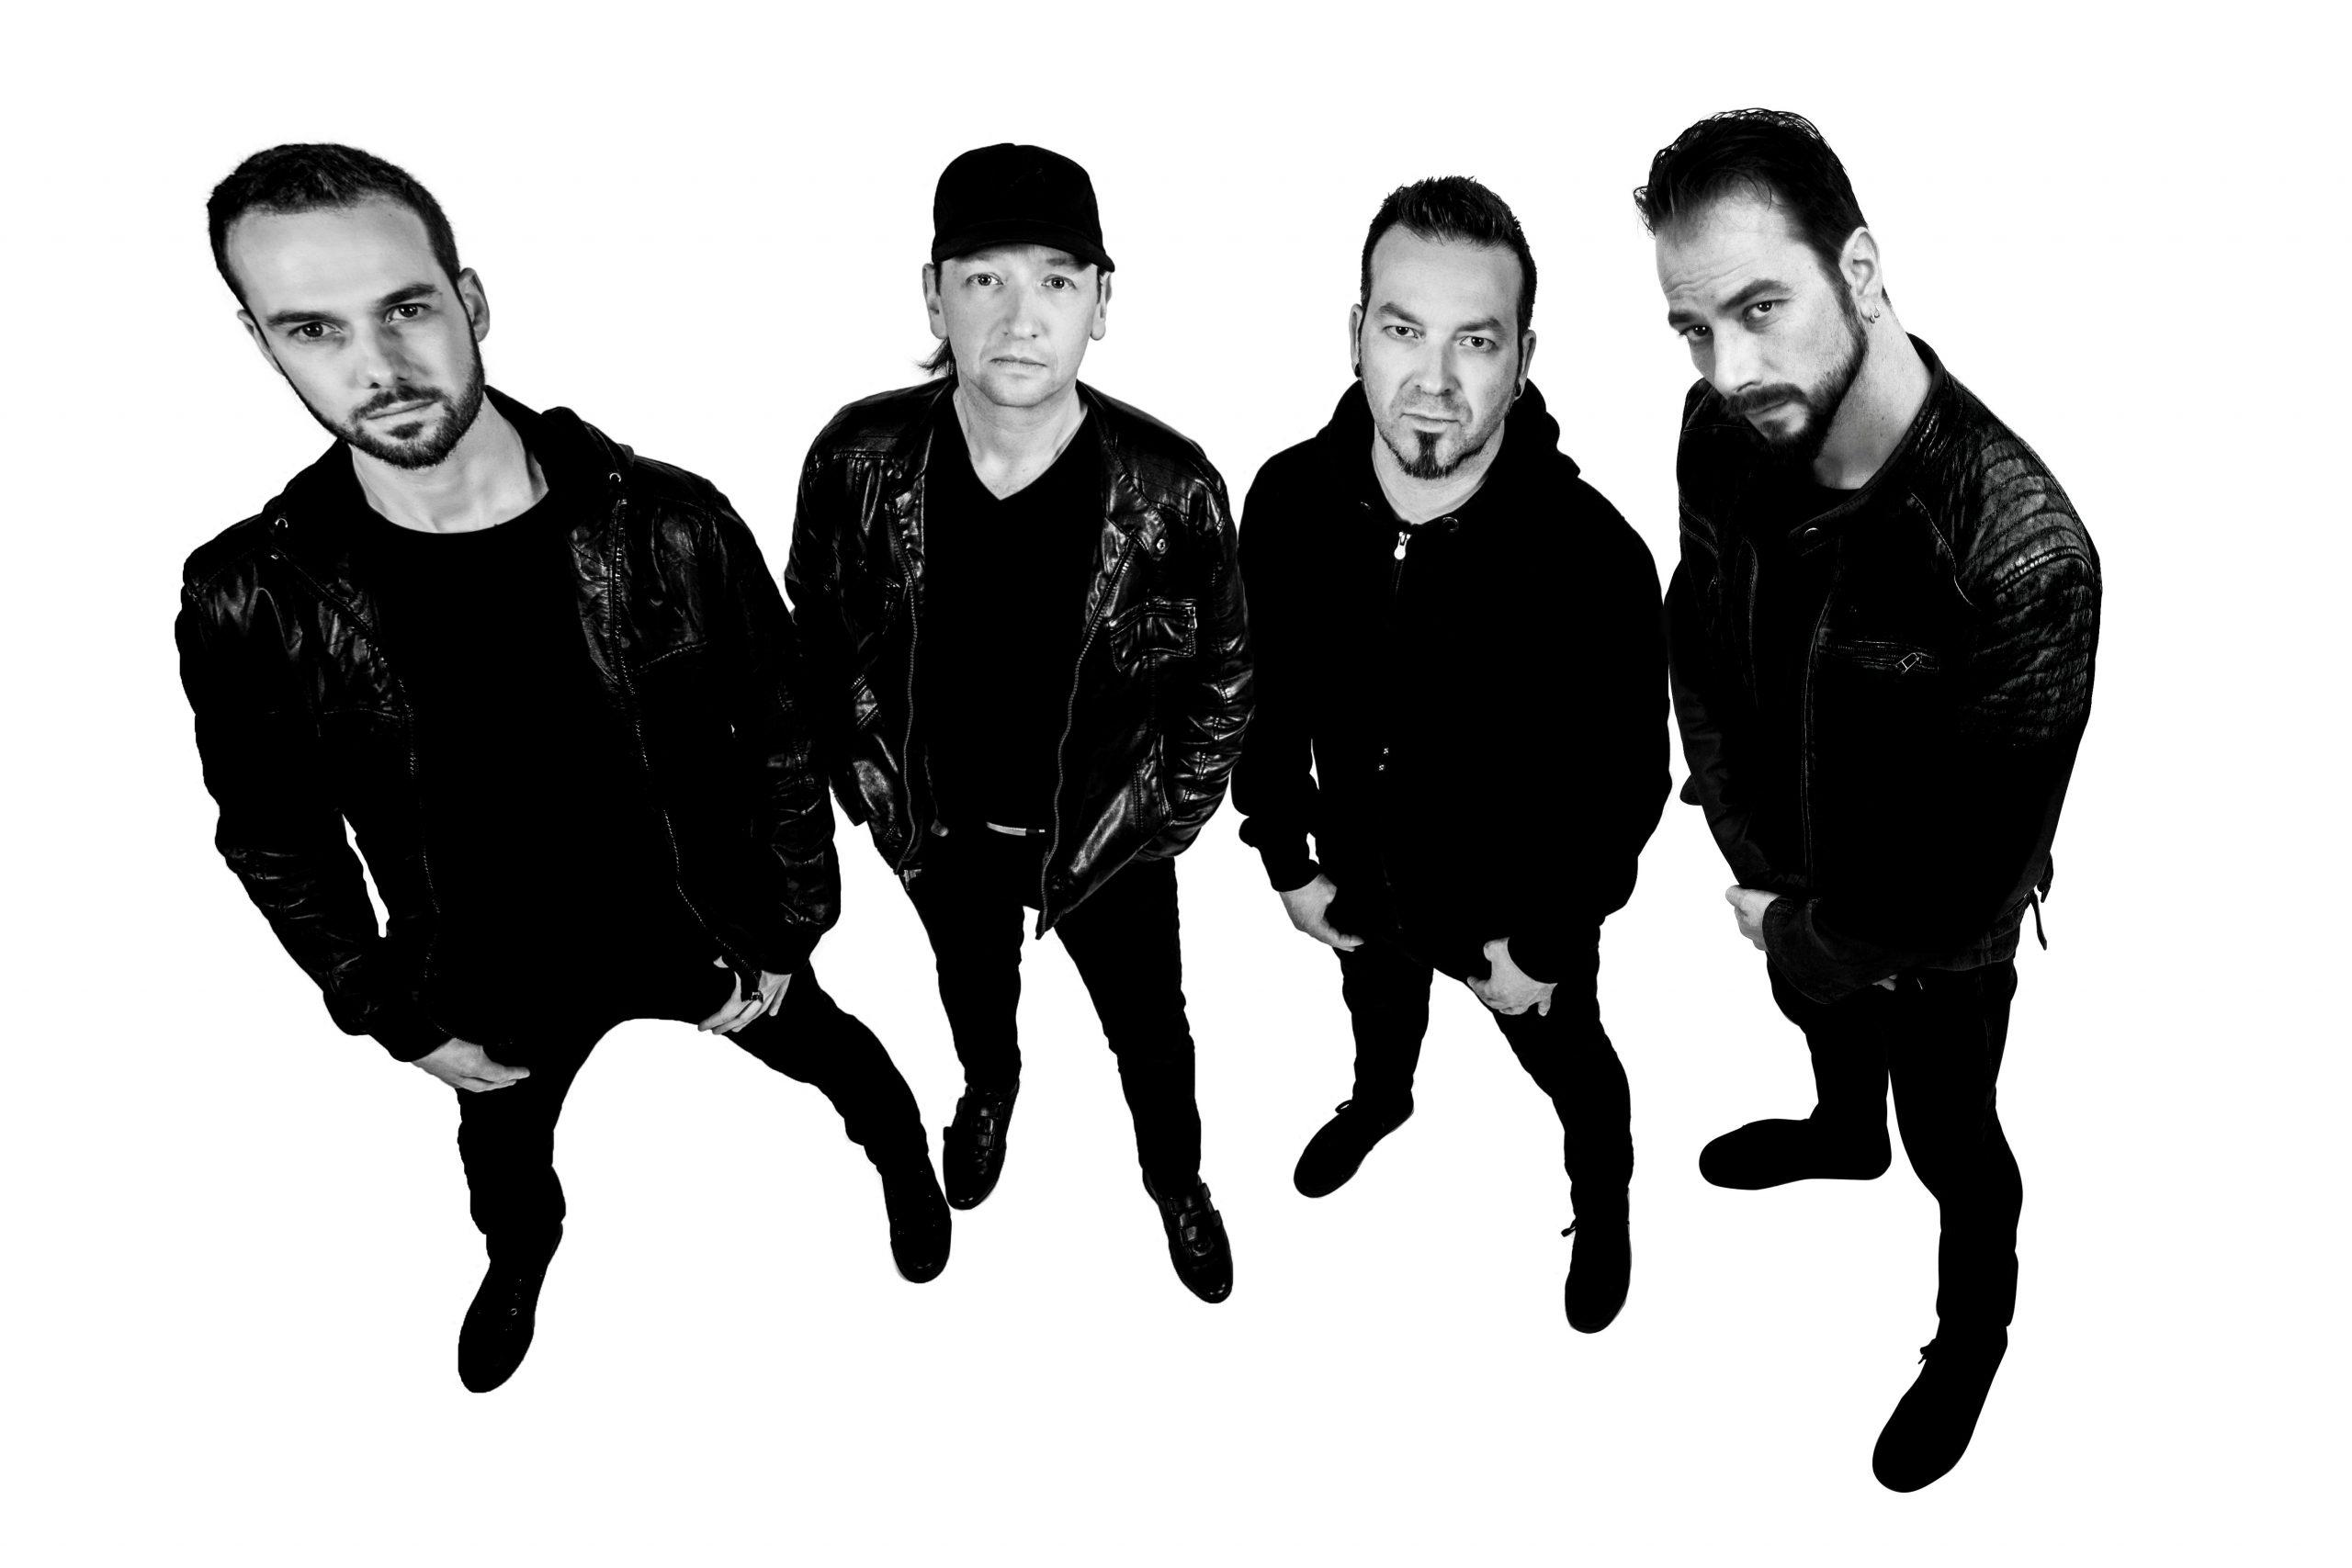 metallica-tribute-band-mytallica-pressefoto-metti-zimmer-schwarz-weiß